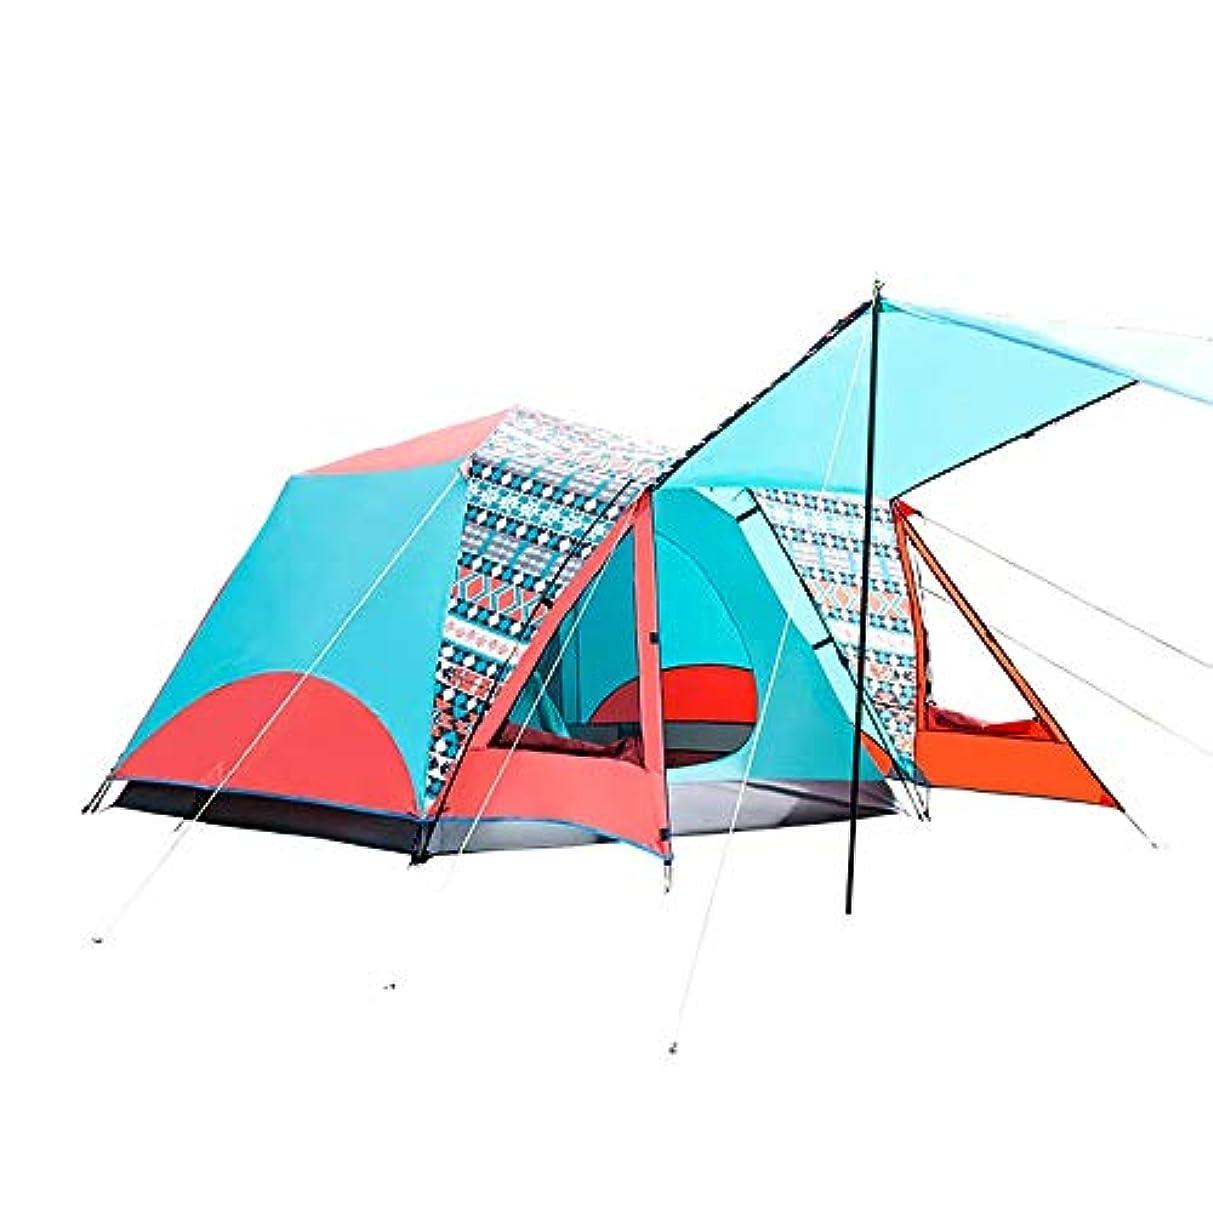 あまりにも反響する突然屋外のテント、4人の通気性の速度の肥厚のキャンプの野生の屋外の防雨性の通気性の自動テント